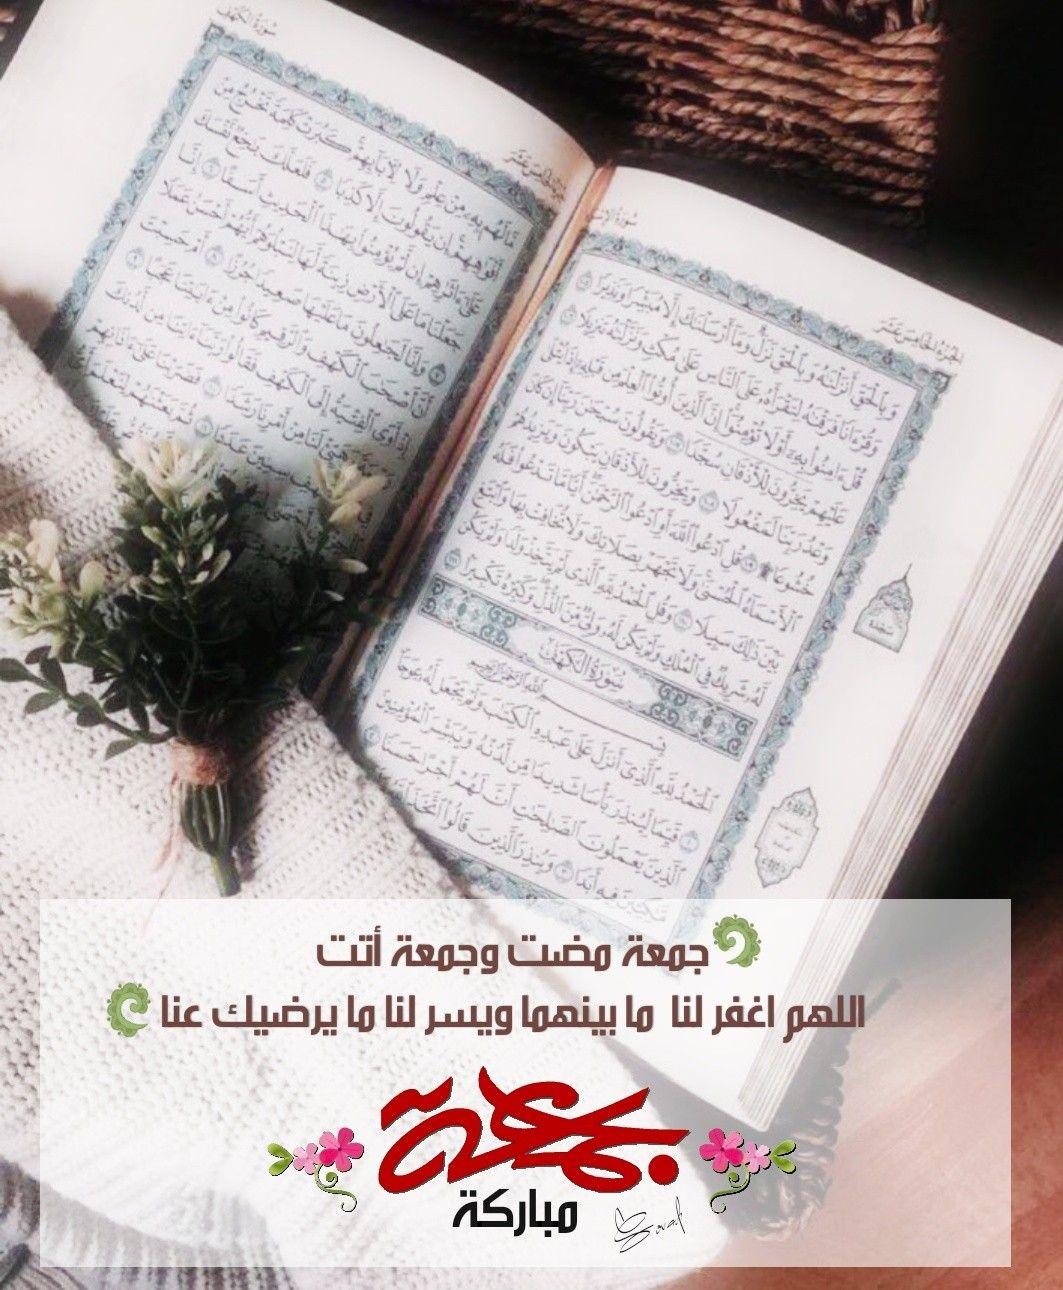 الجمعة Blessed Friday Jumma Mubarik Quotes